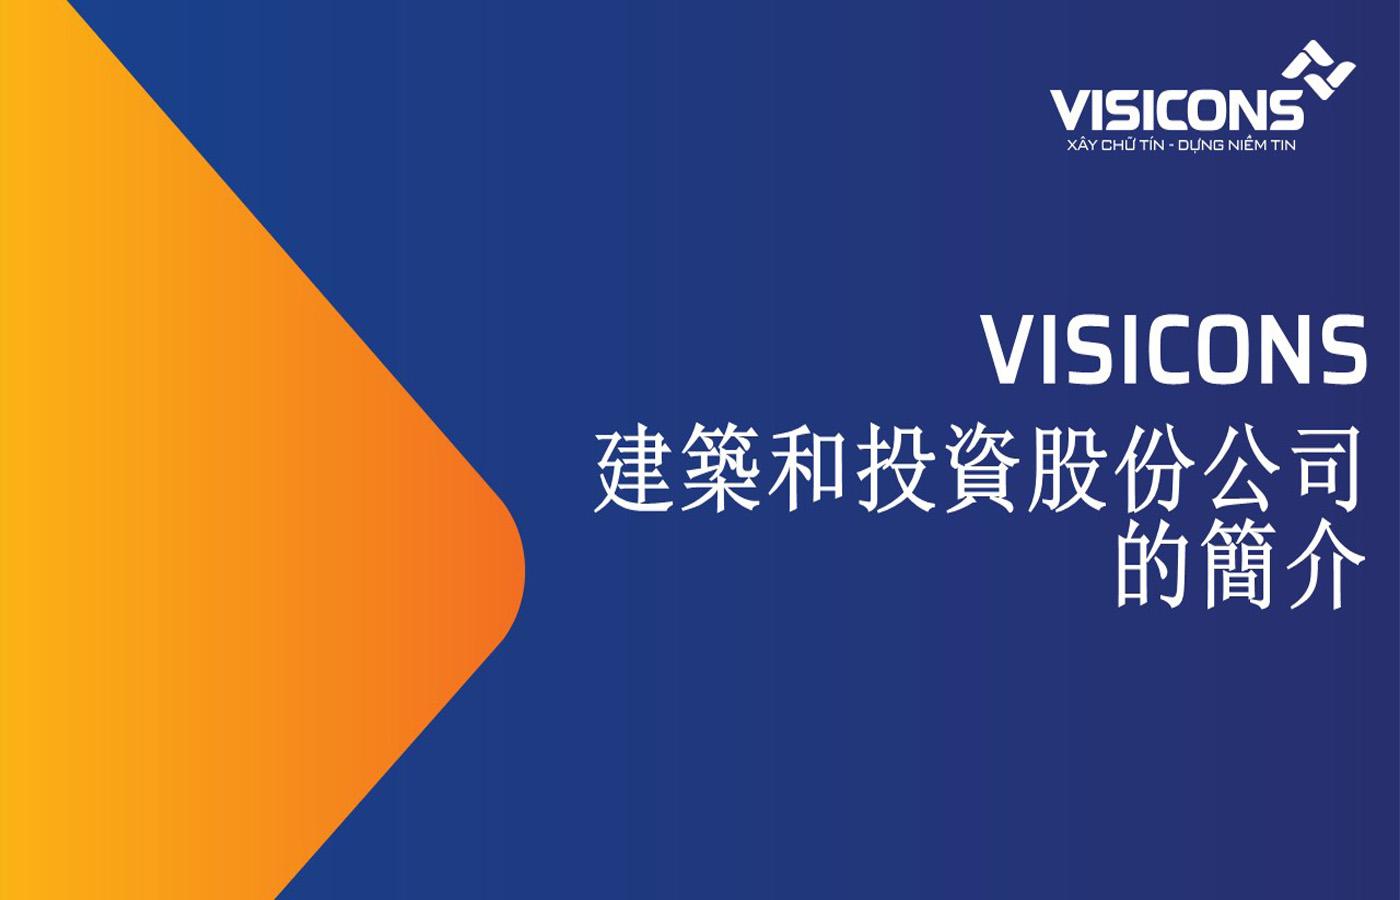 Visicons Company Profile (CHN)